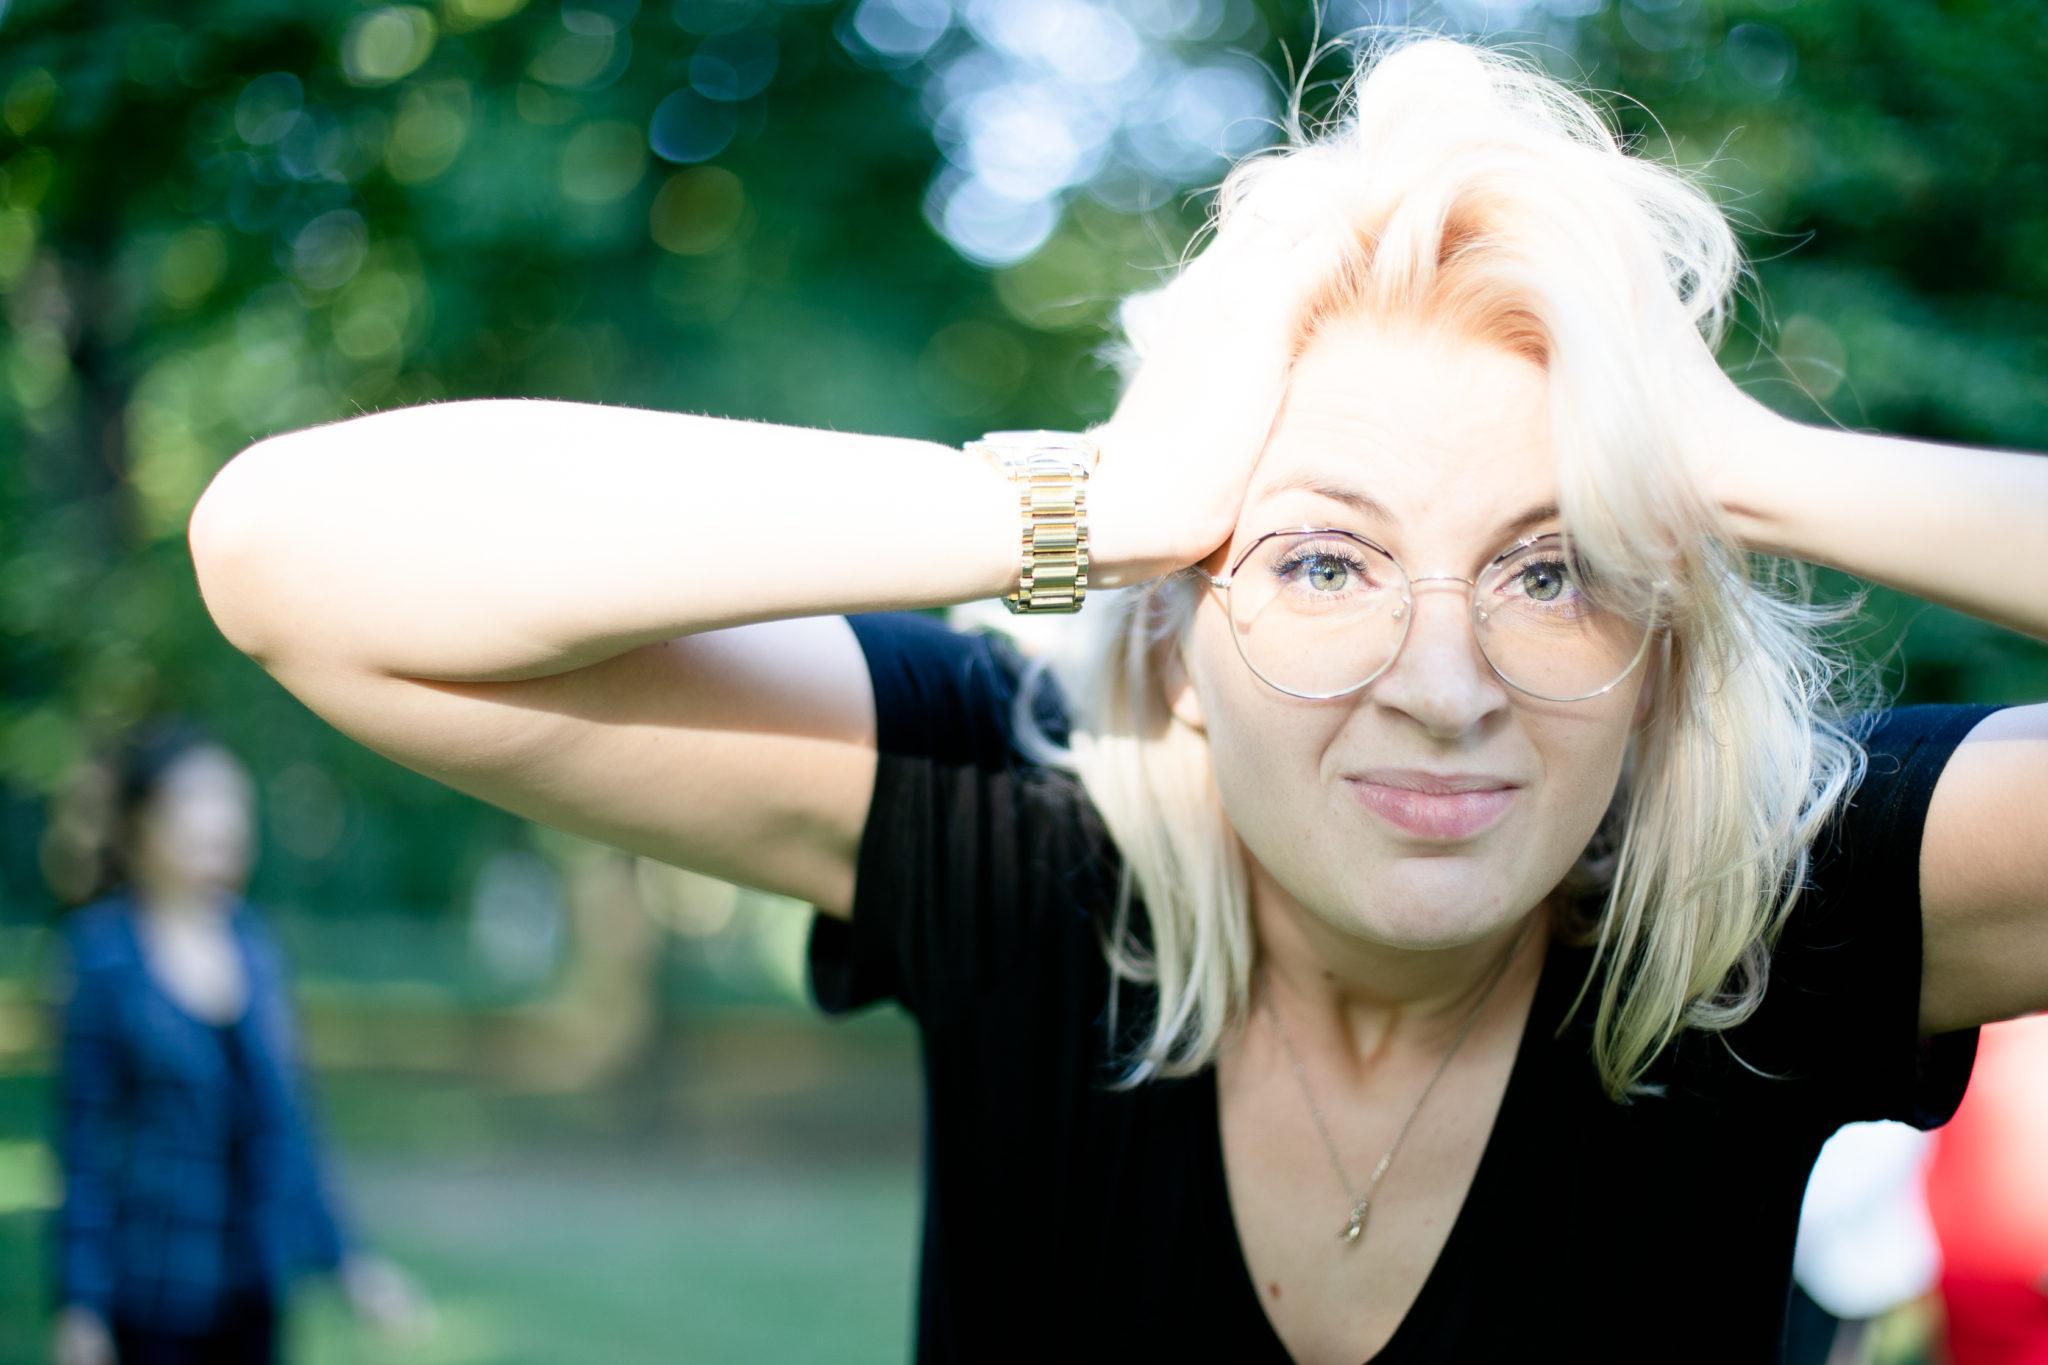 Dominika Jajszczak (fot. Jowita Pawluczy)